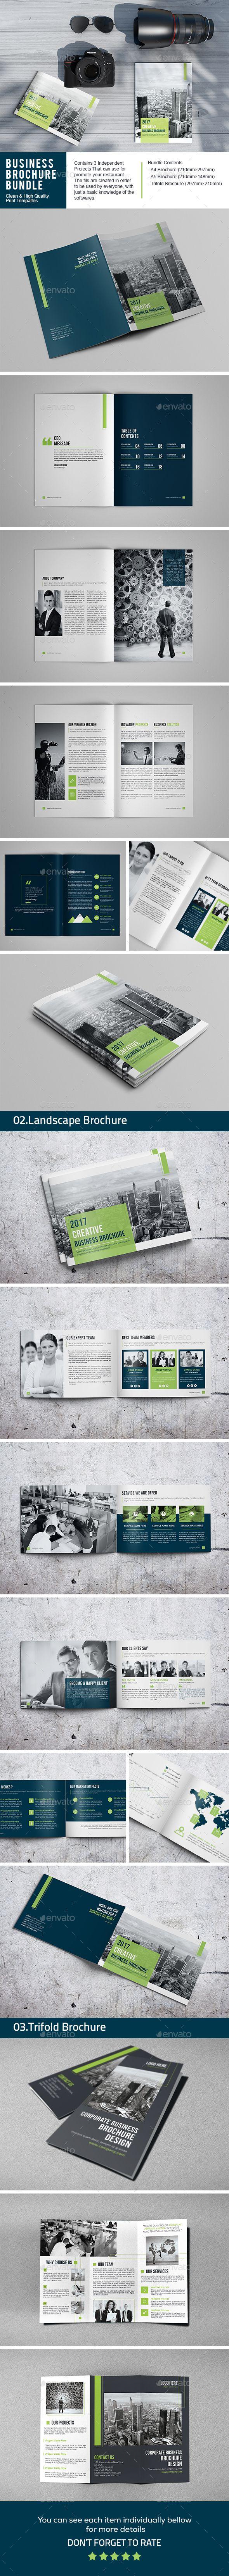 Business Brochure Template InDesign INDD Bundle